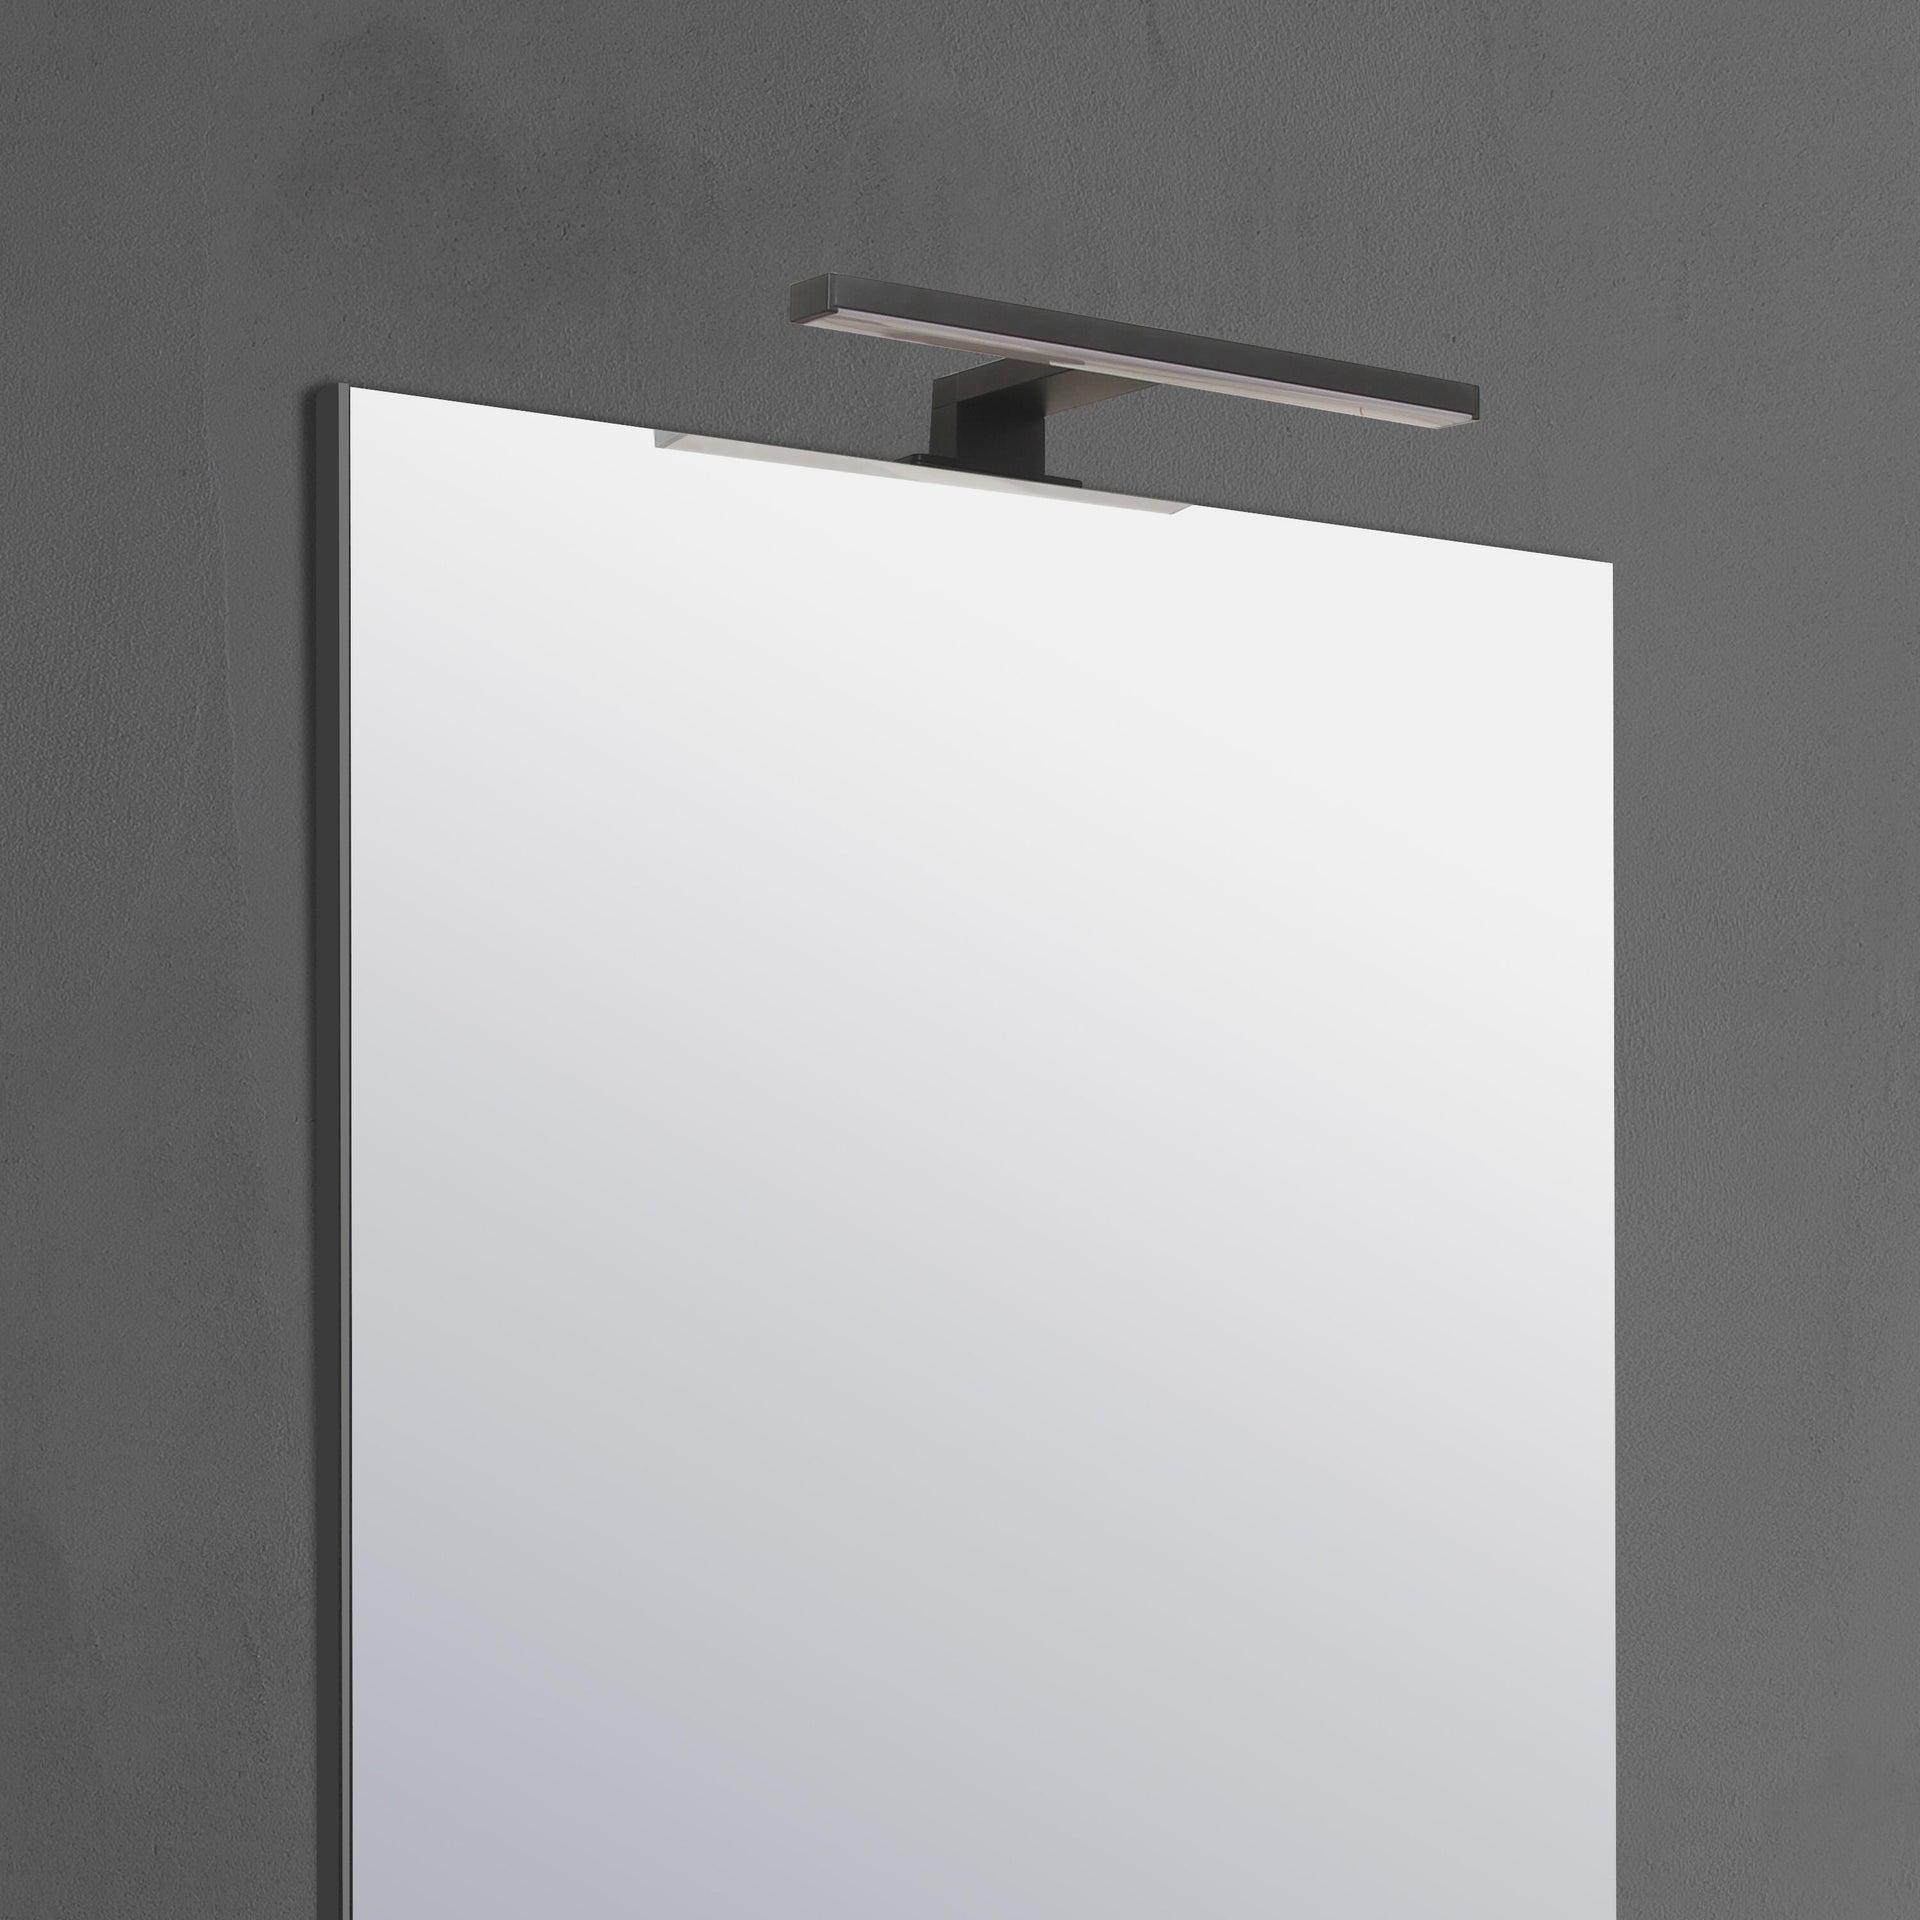 Applique moderno Slim con kit multi attacco , in alluminio, 50.0x50.0 cm, INSPIRE - 4